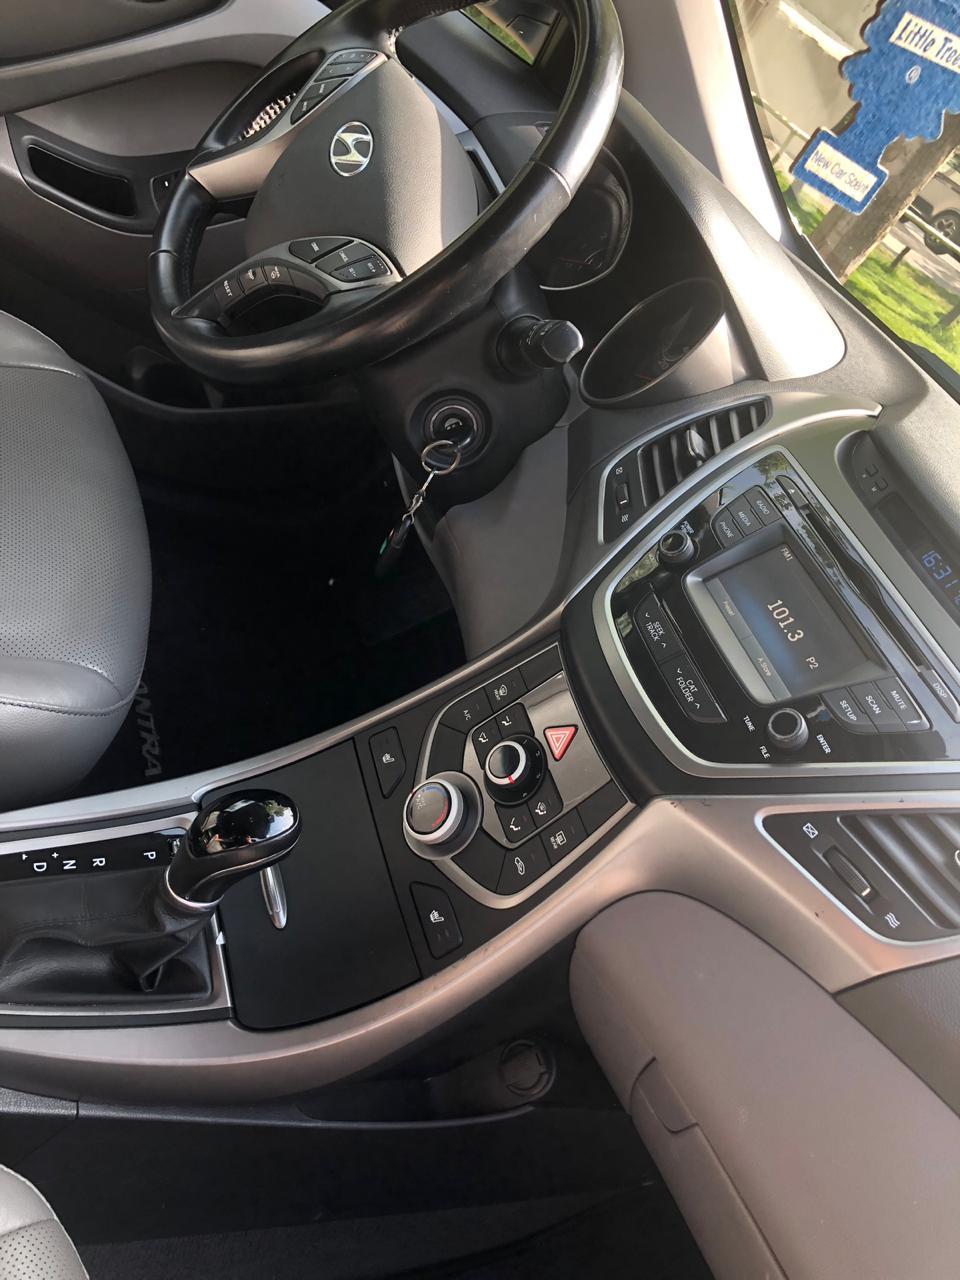 Hyundai Elantra 1.8(lt) 2014 Подержанный  $11500